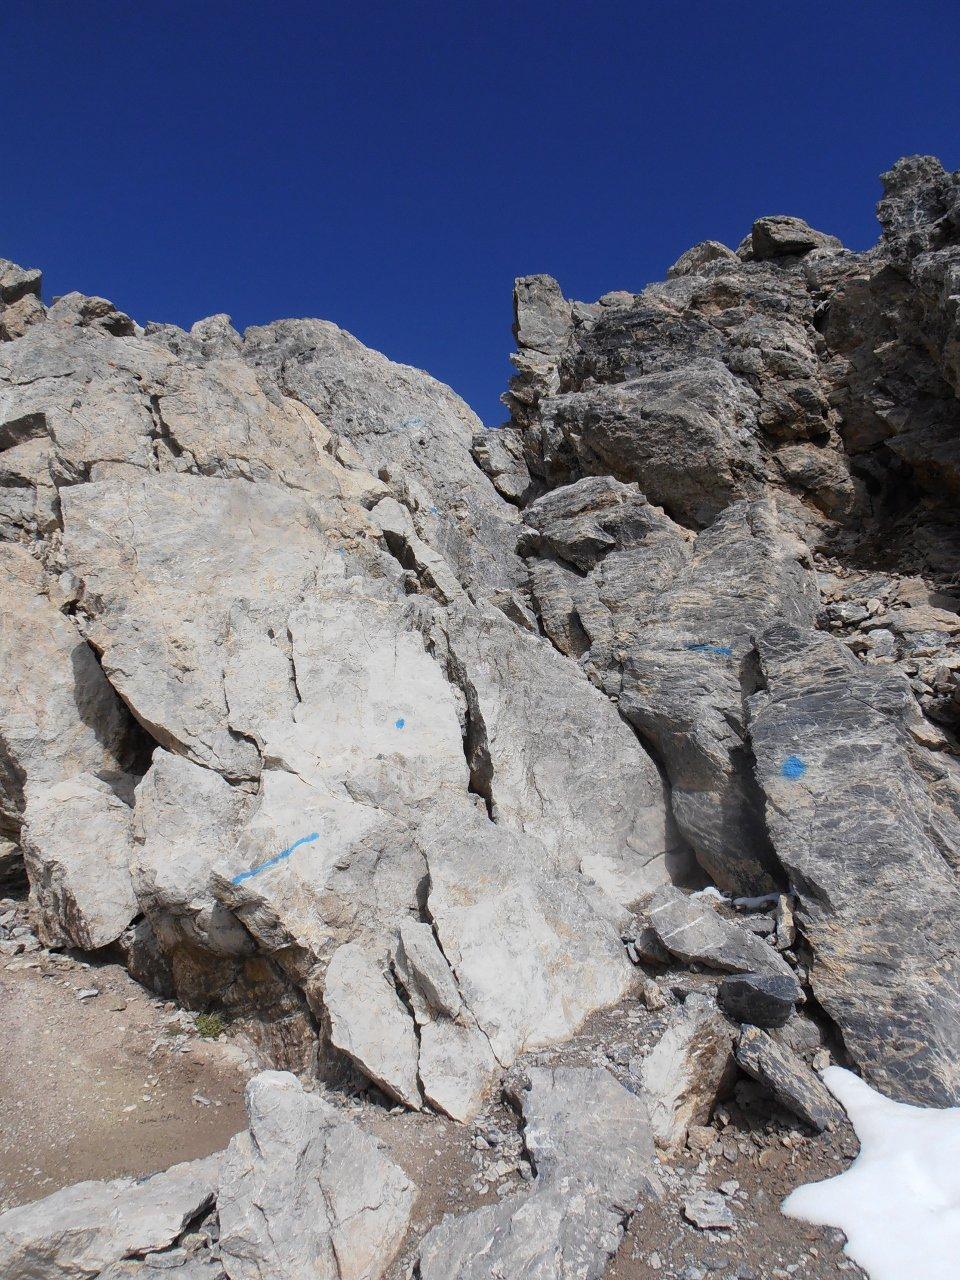 11 - passaggio su roccia che porta in cresta, 1 grado